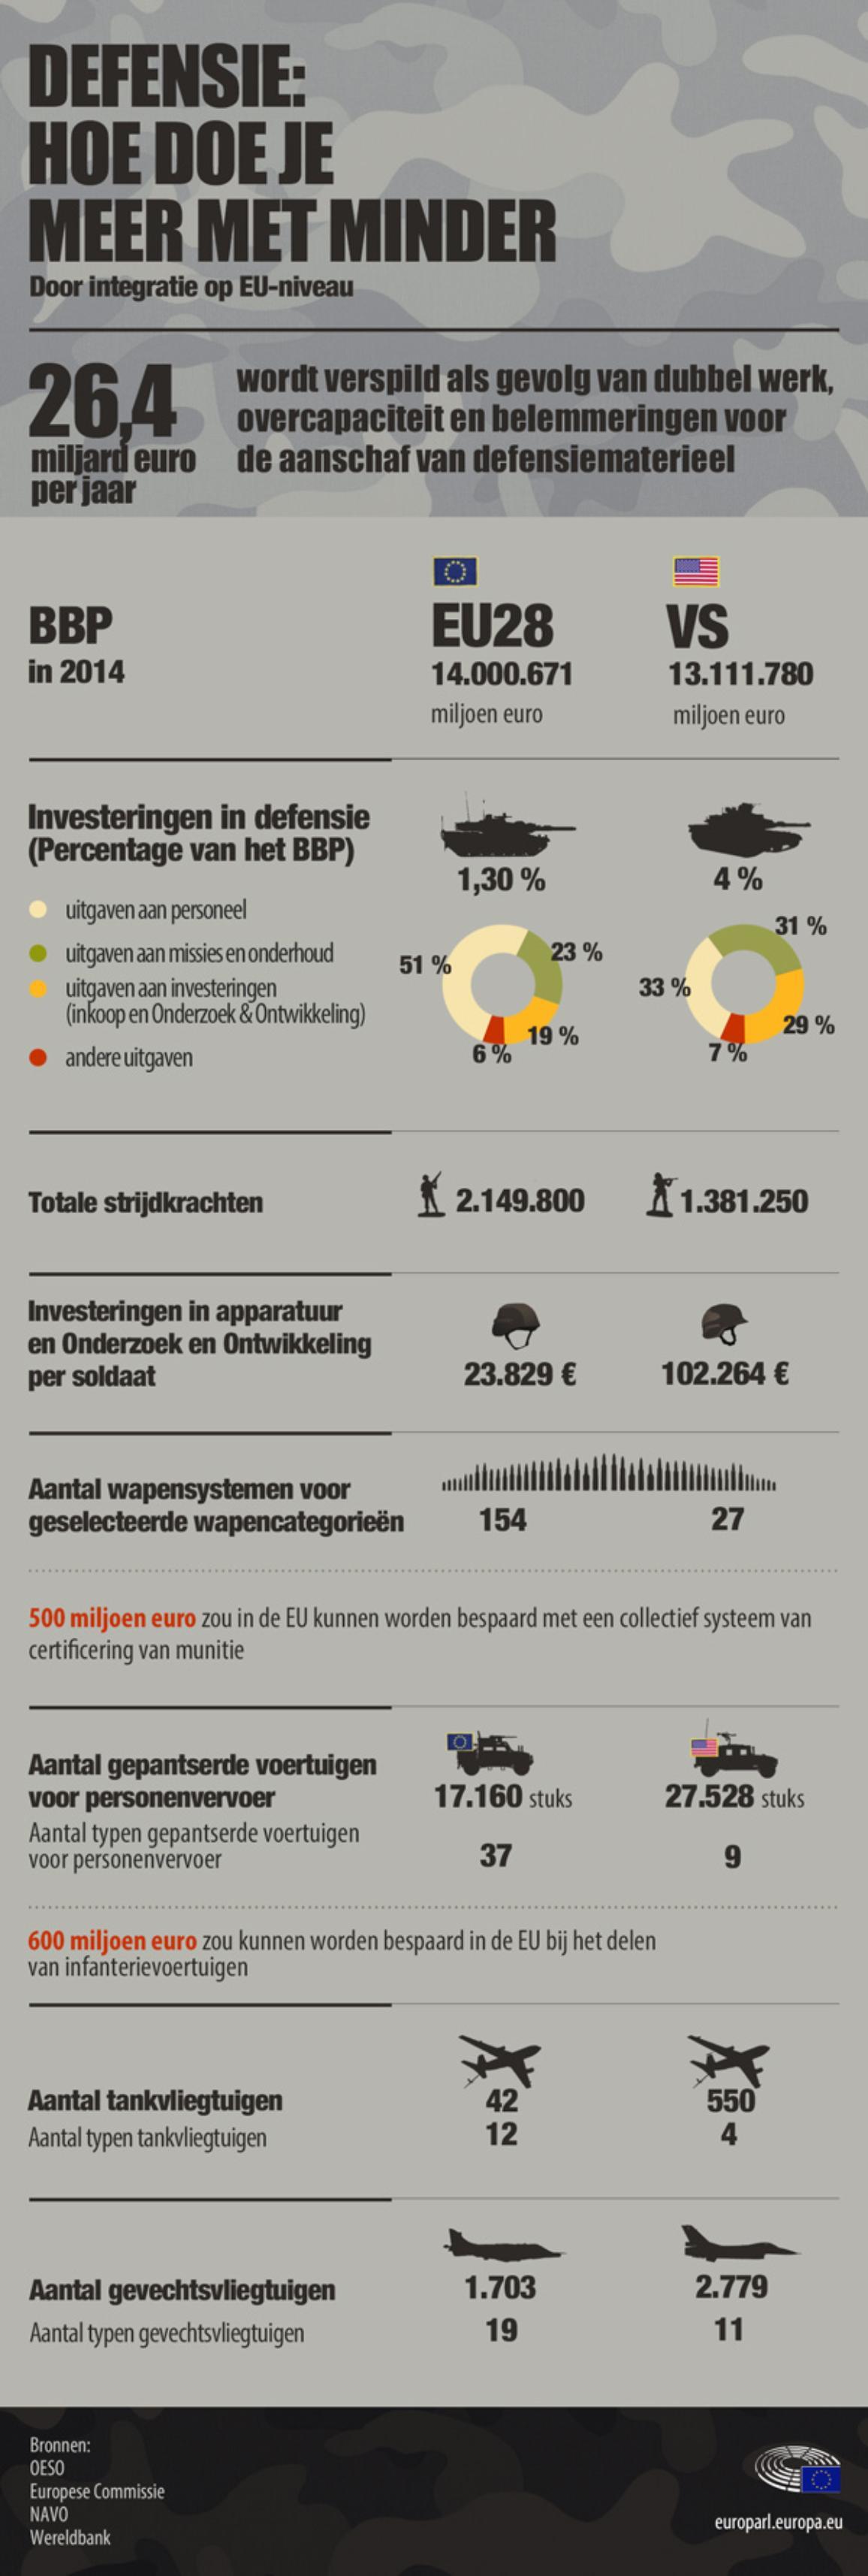 Infografiek over hoe je meer voor defensie kan doen met minder middelen op een Europees niveau.